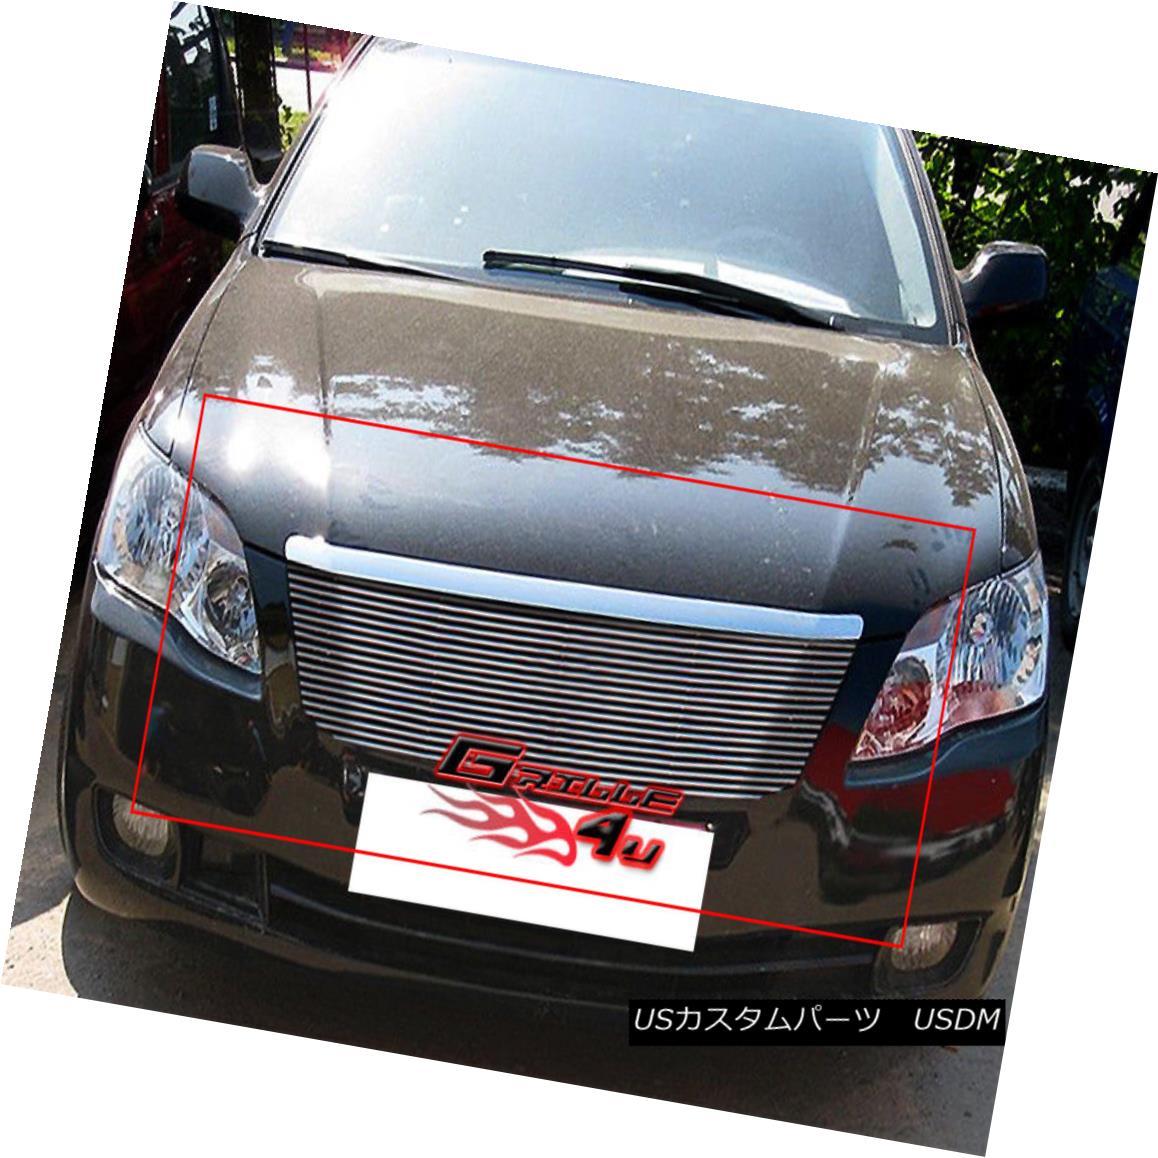 グリル Fits 2006-2007 Toyota Avalon Billet Grille Insert 2006-2007トヨタアバロンビレットグリルインサートに適合